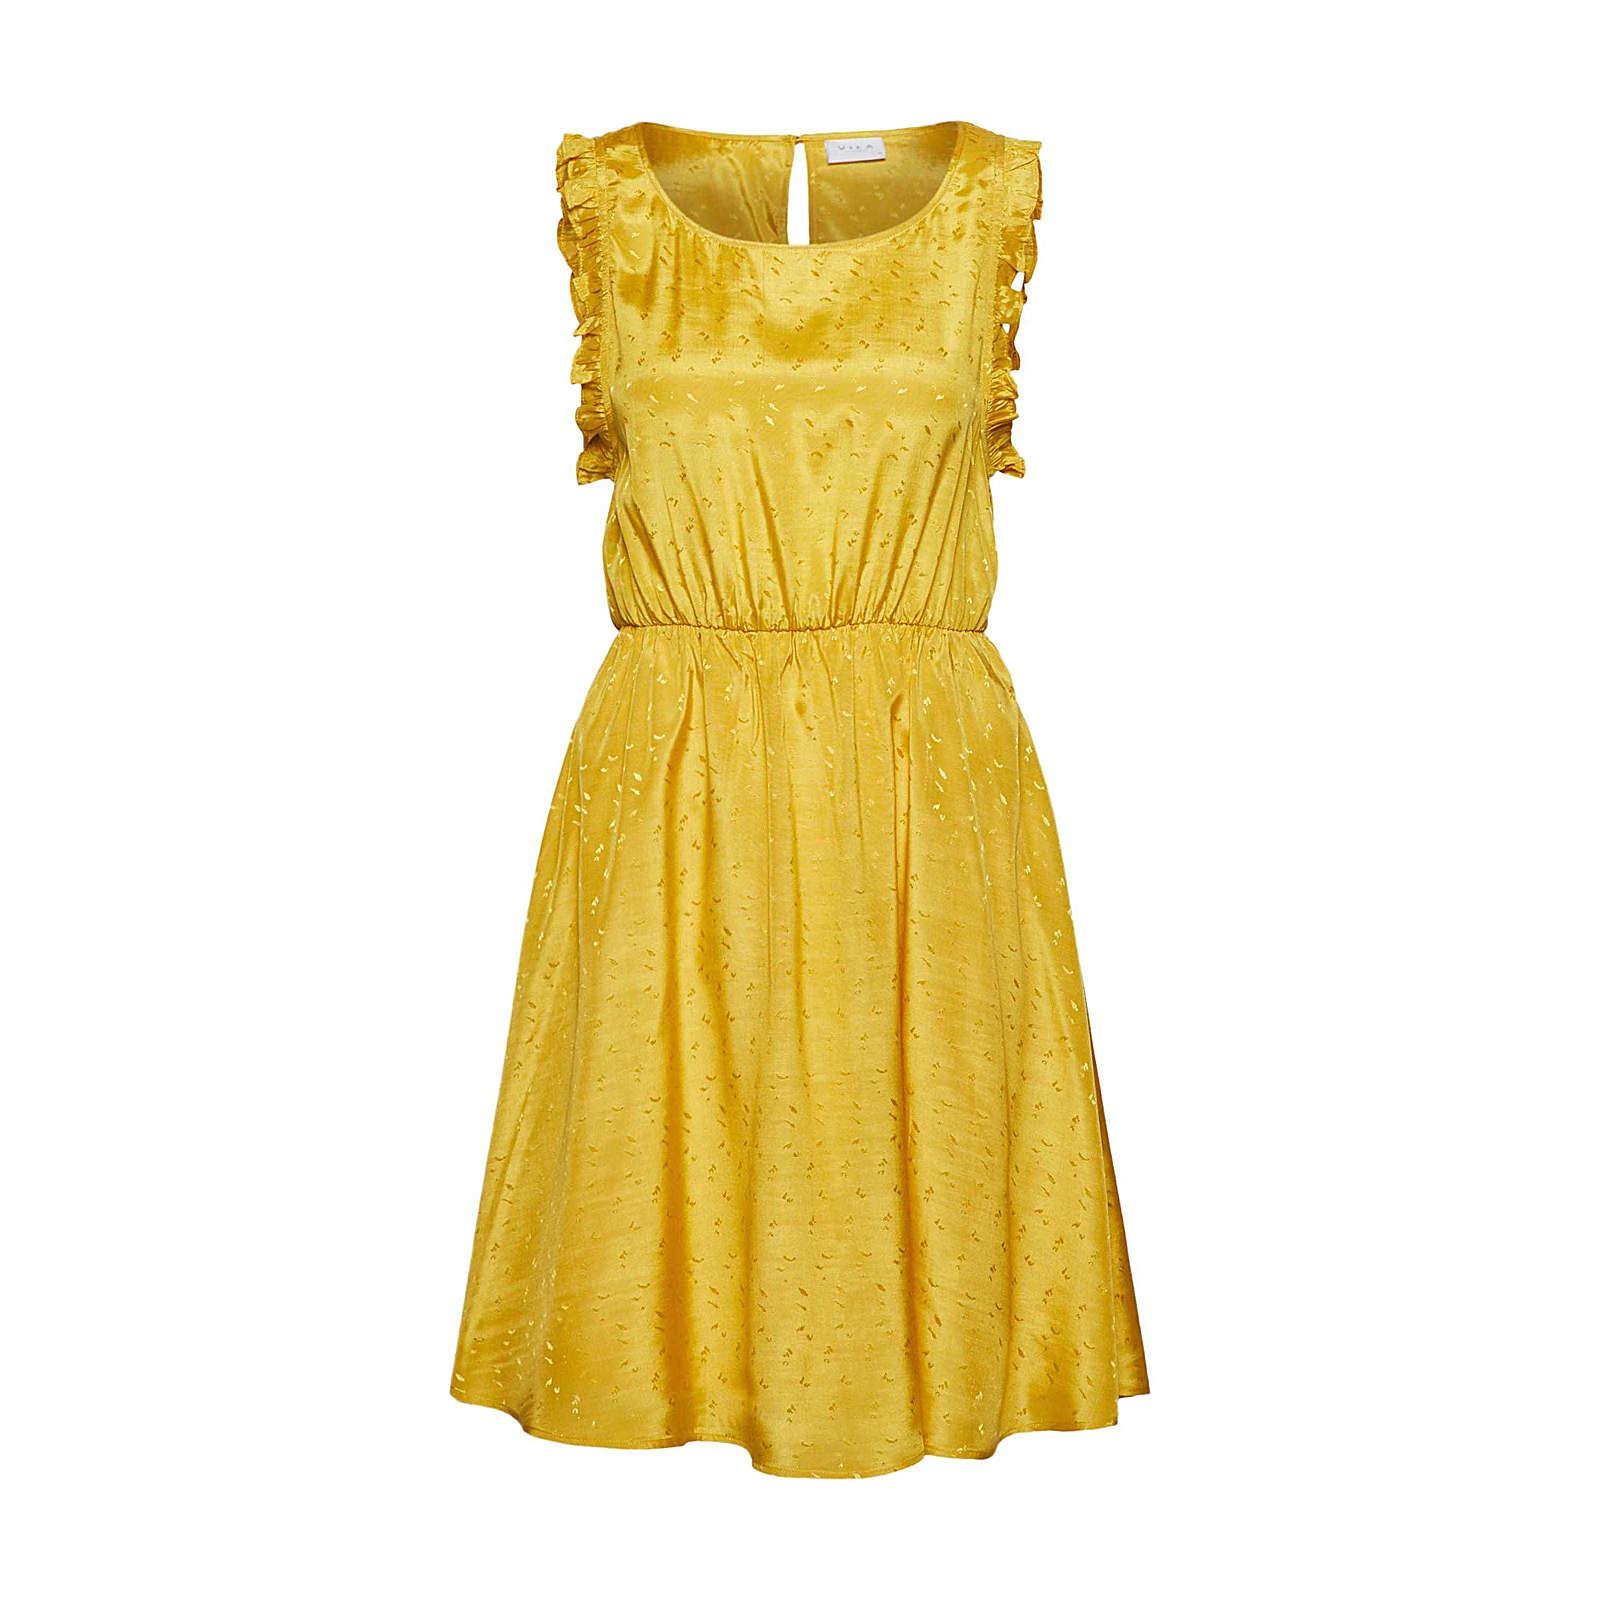 VILA Sommerkleid Sommerkleider gelb Damen Gr. 42